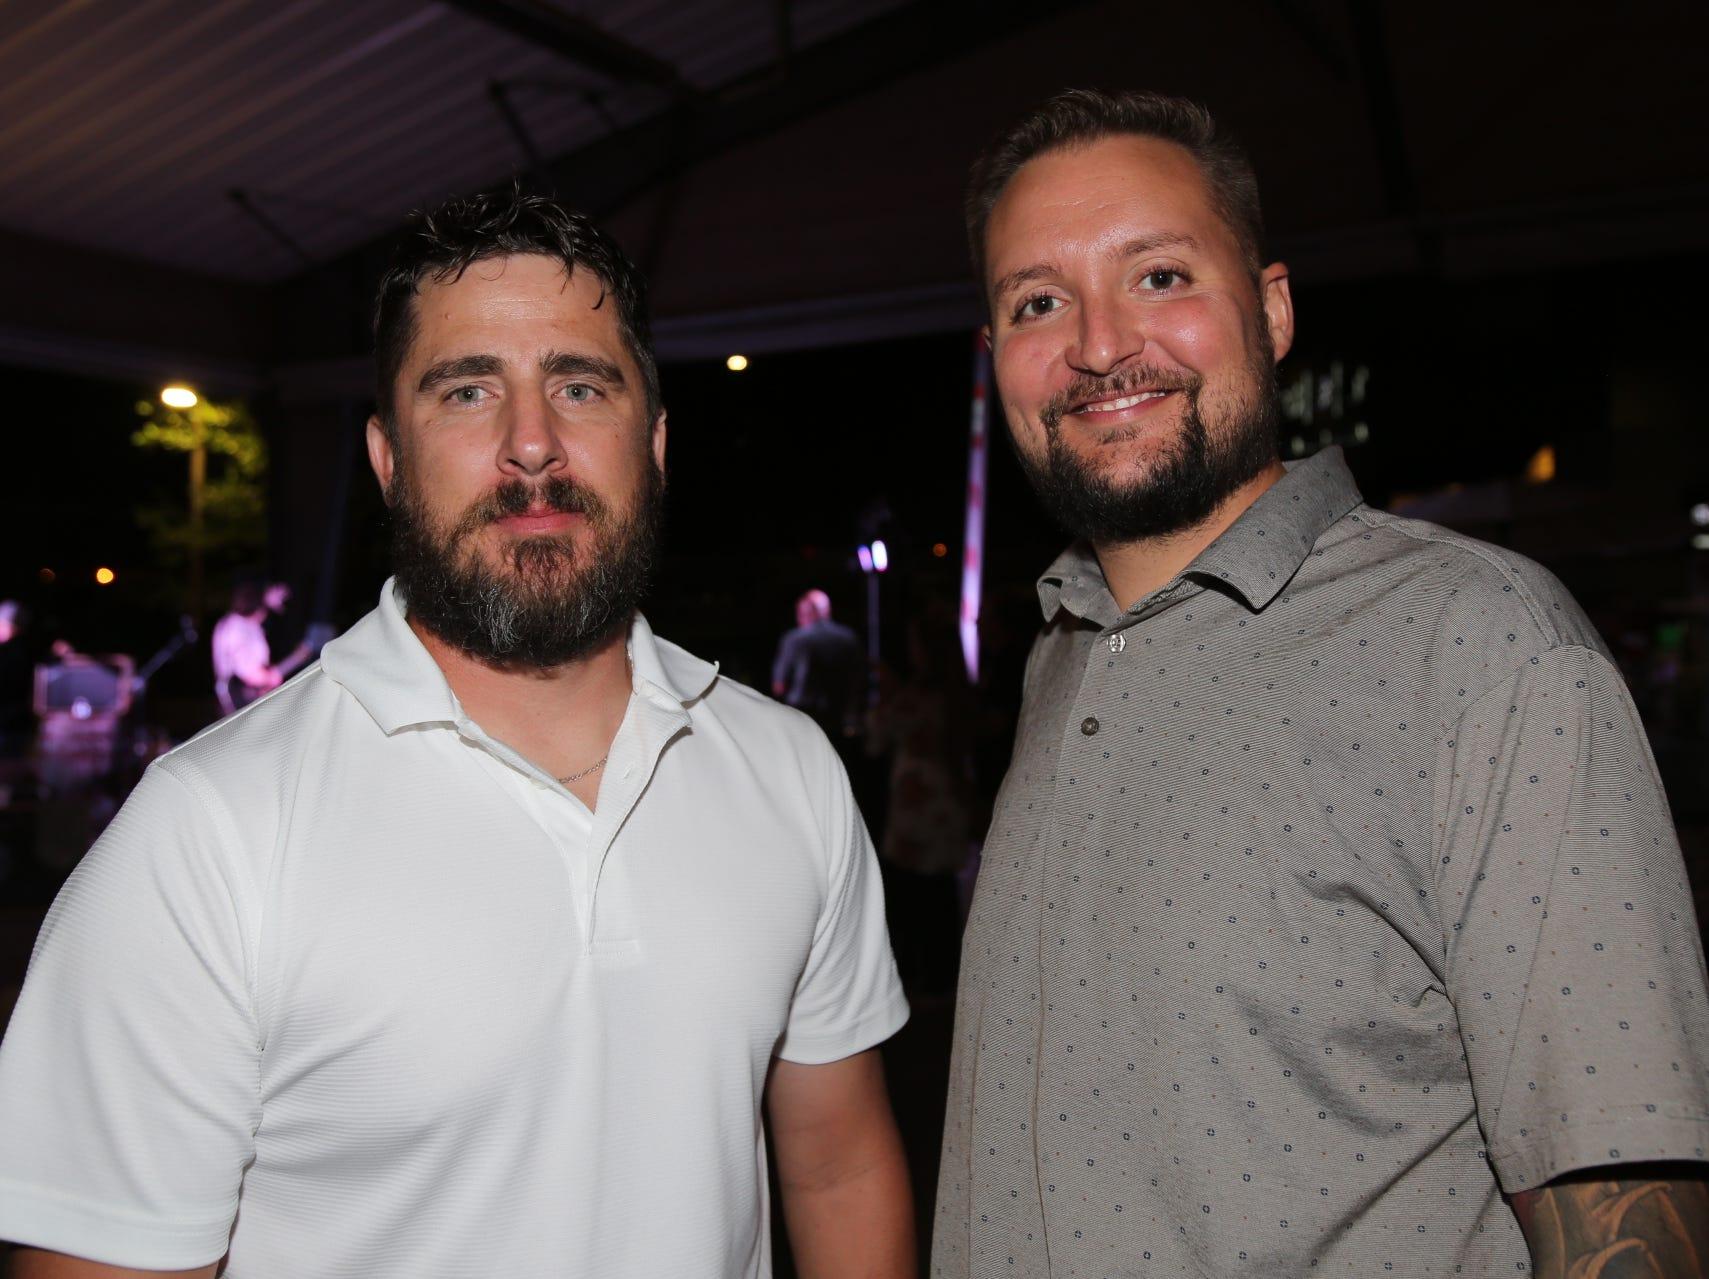 Chris Lee and Hayden Wilcox